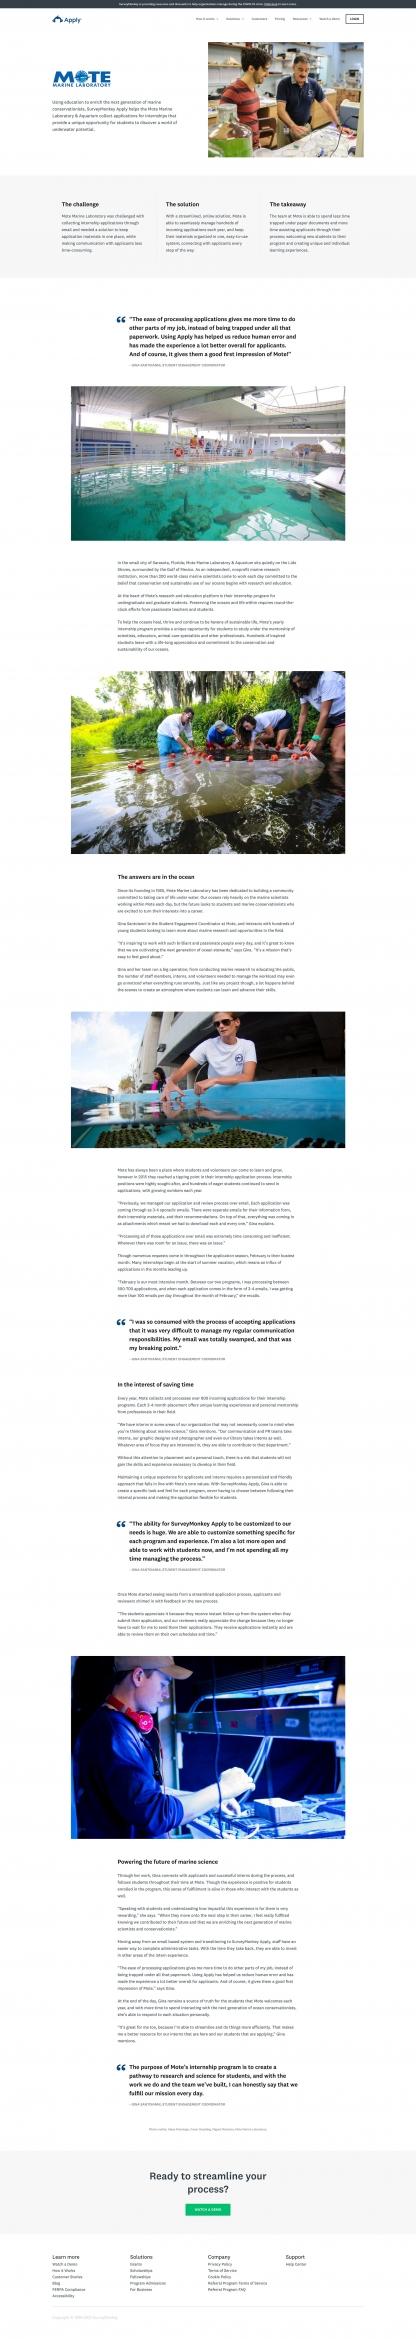 Screenshot of SurveyMonkey Apply case study